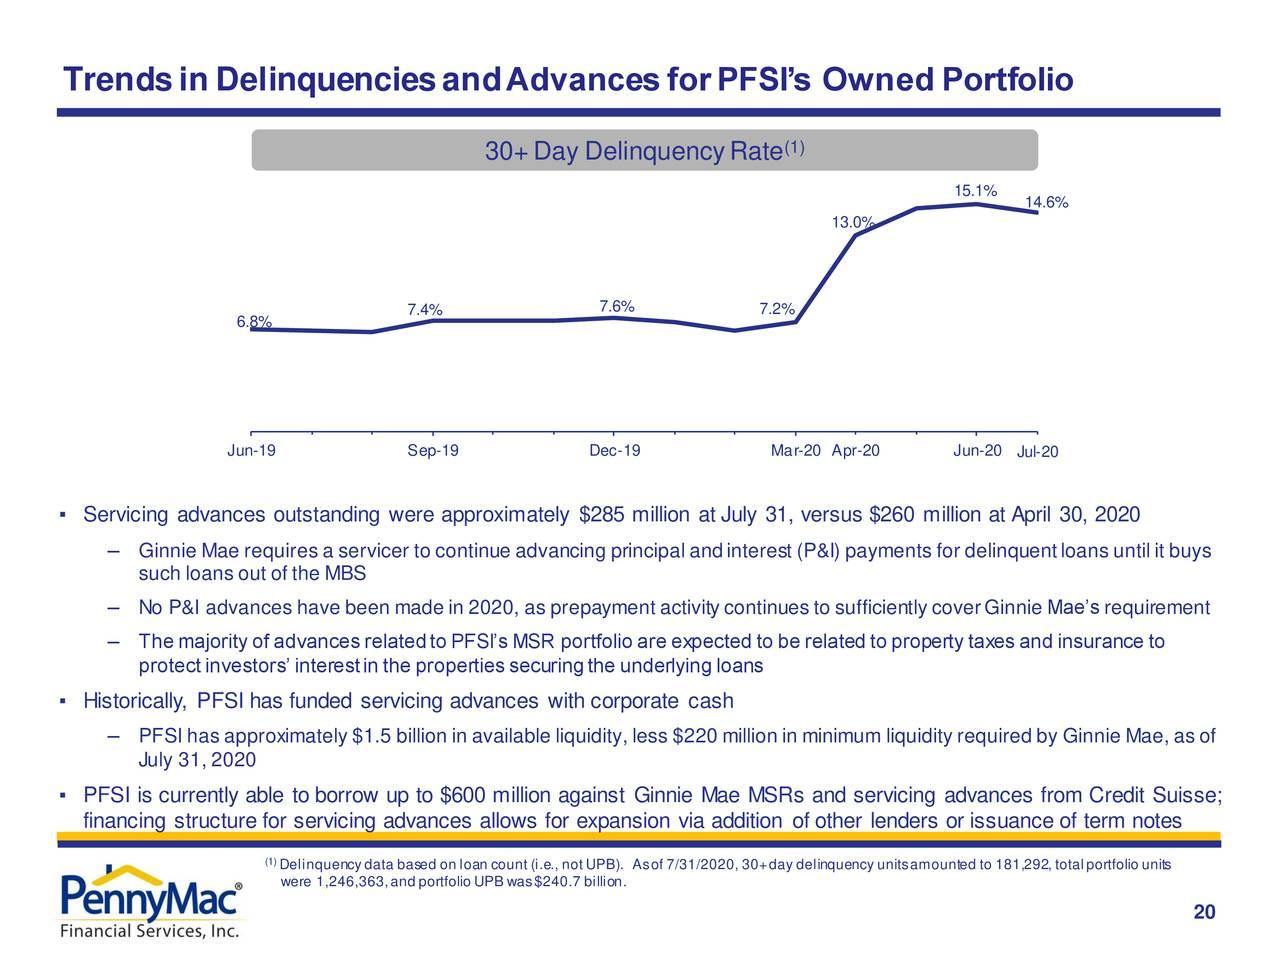 Tendencias en morosidad y avances para la cartera de propiedad de PFSI